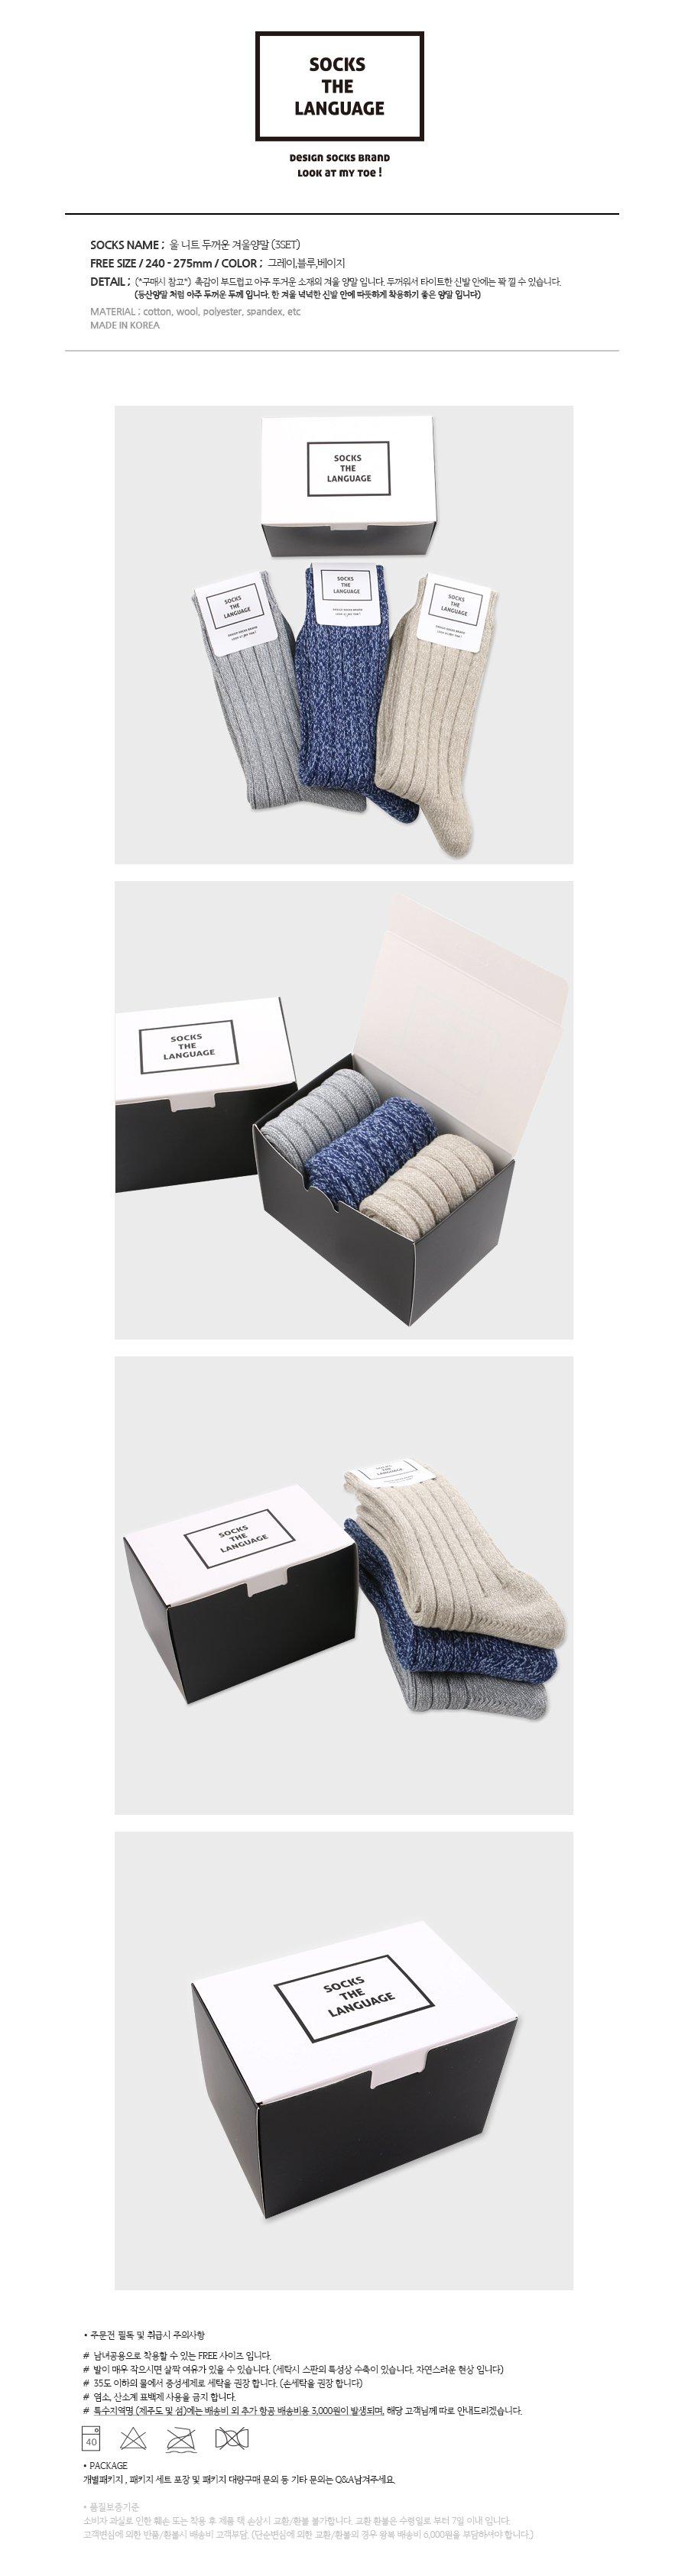 울 니트 두꺼운 겨울양말 (3SET) - 삭스더랭귀지, 27,000원, 남성양말, 패션양말